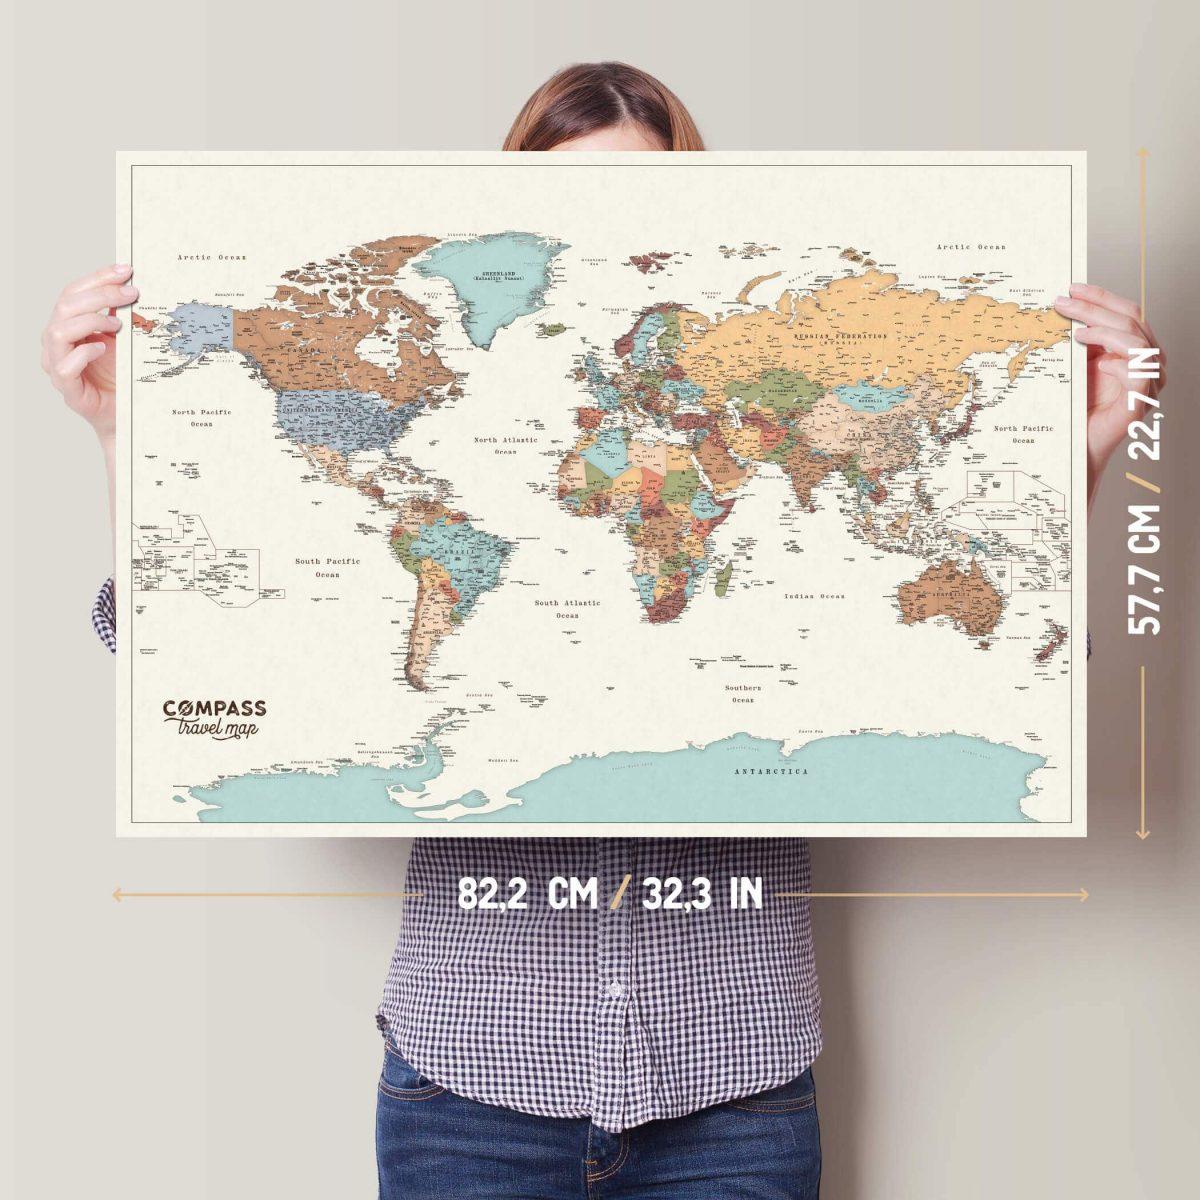 zemelapis nutrinamas pasaulio didelis